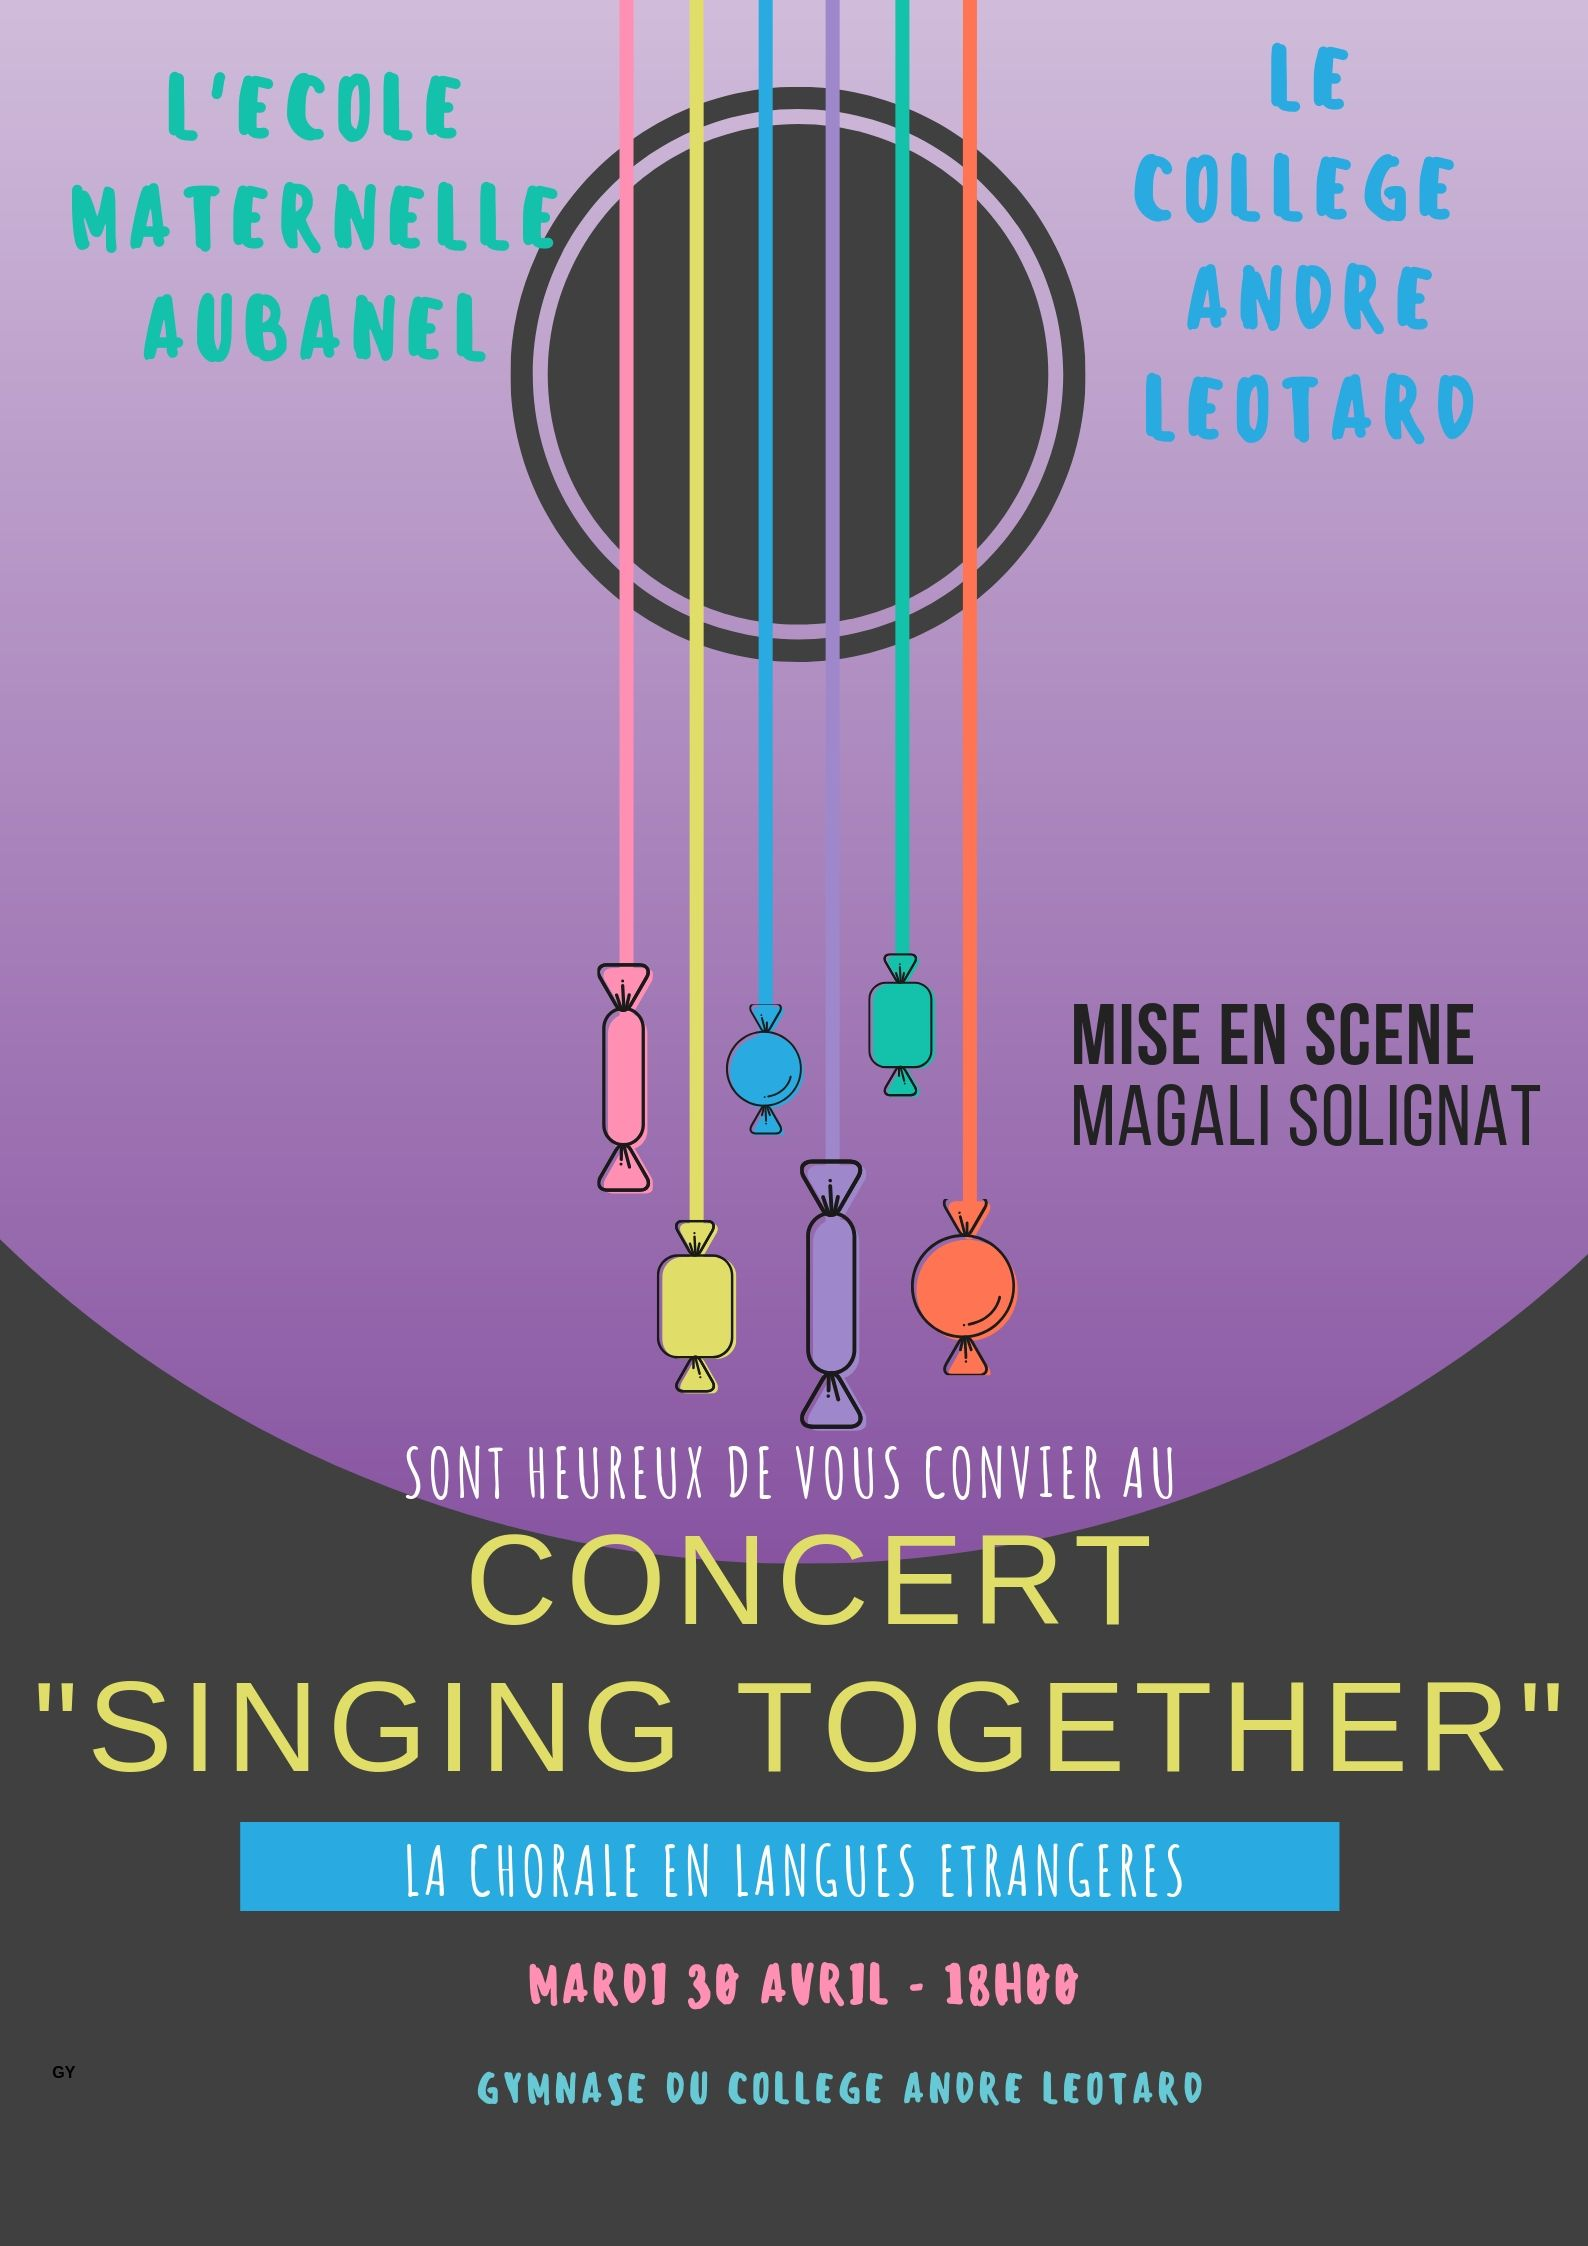 Concert «Singing together» du 30 avril! Un grand bravo aux élèves de la maternelle Aubanel et du Collège André Léotard!